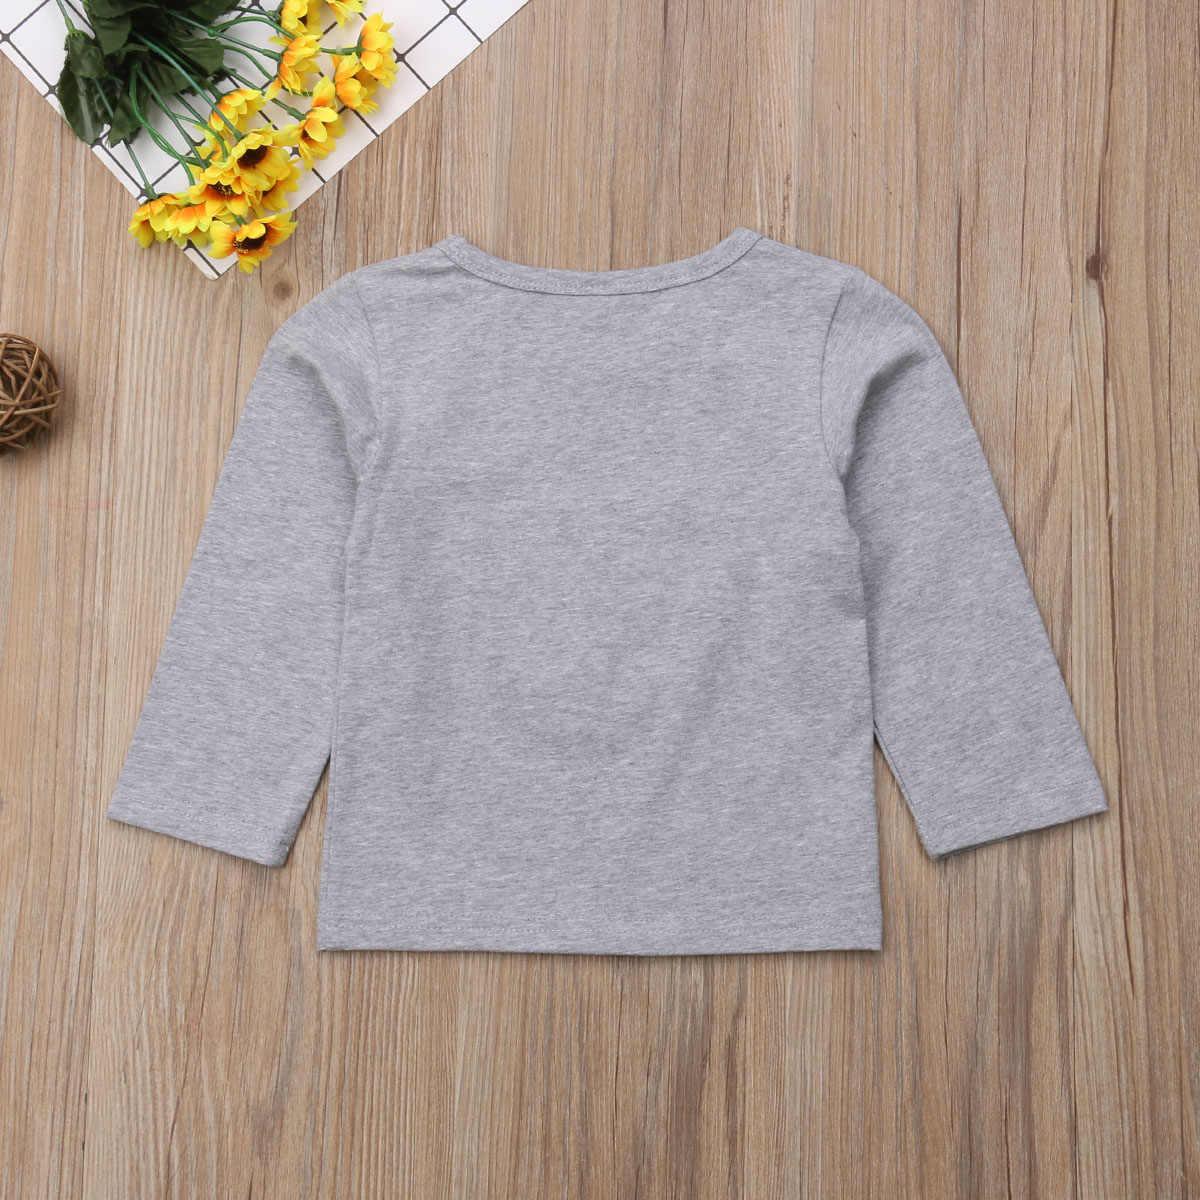 Ropa familiar a juego mamá bebé niños sudadera Tops manga larga corazón estampado pulóver gris algodón otoño ropa